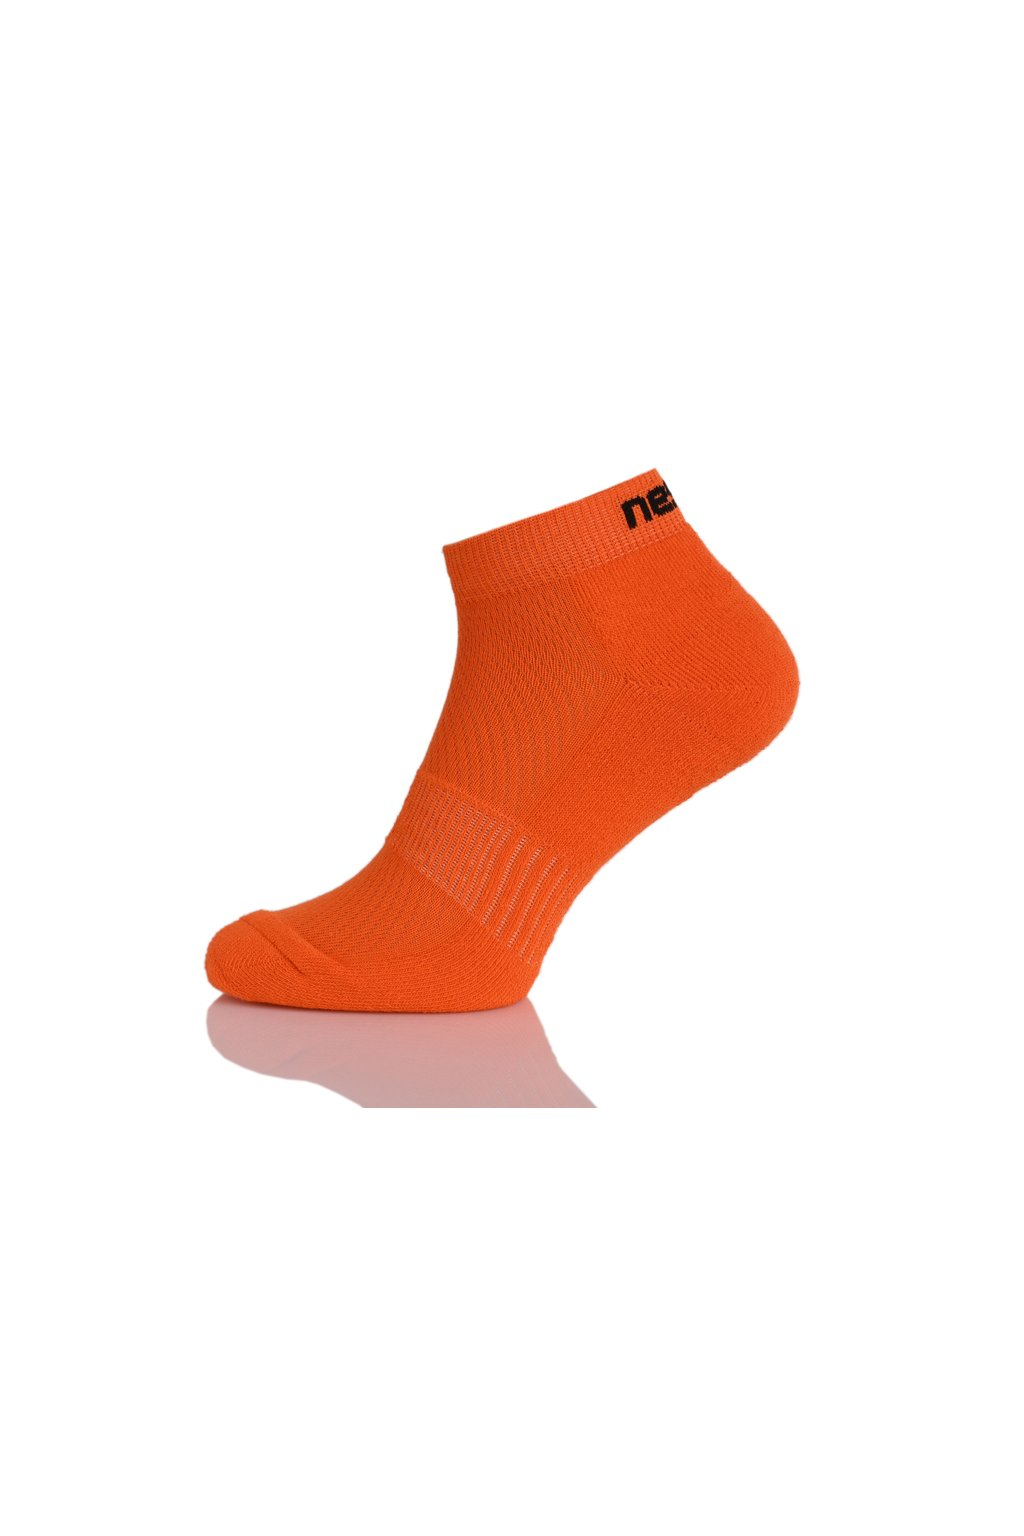 Bavlněné Termoaktivní kotnikové ponožky ST 13 1